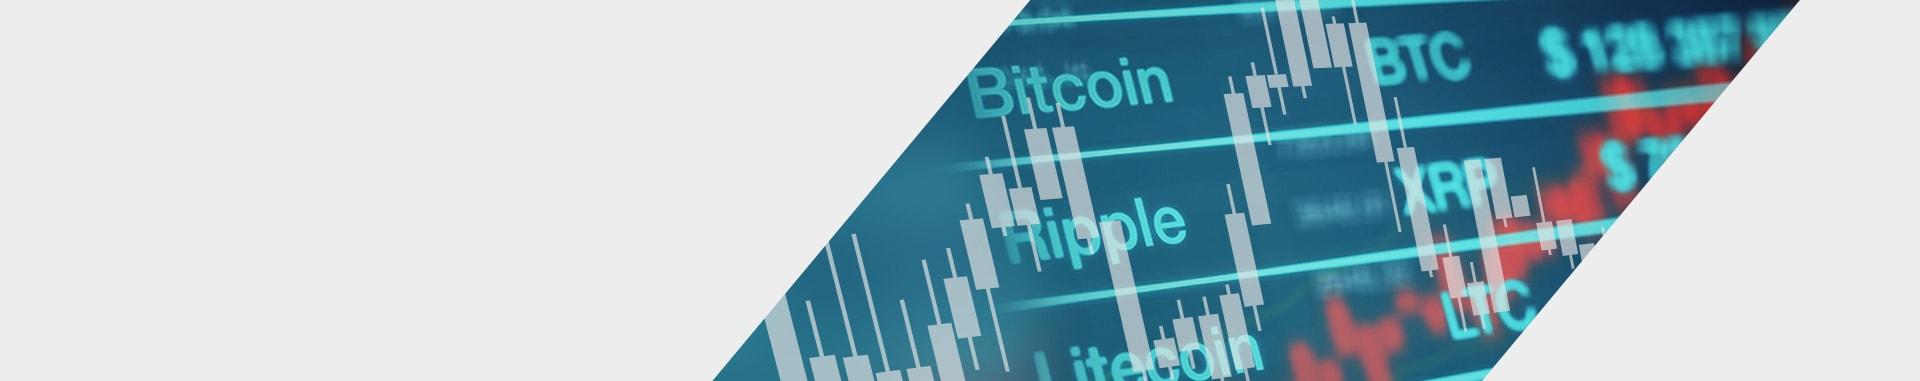 Kryptowaluty - analiza techniczna